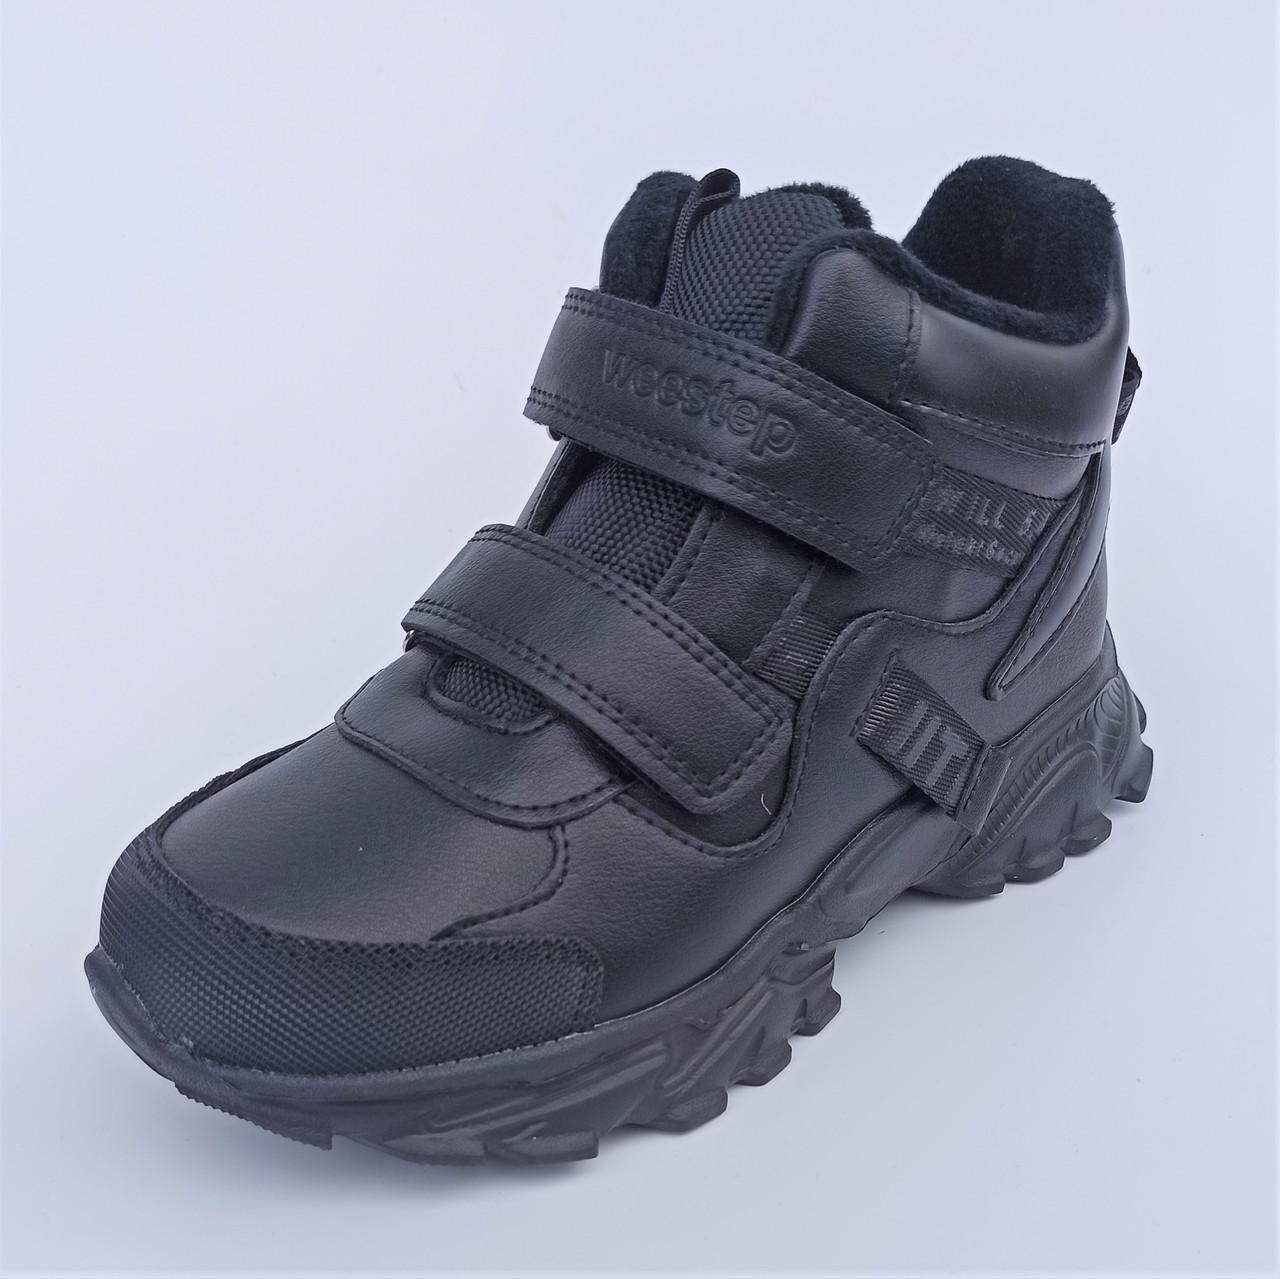 Детский ботинок-кроссовок, Weestep (код 1361) размеры: 32-37